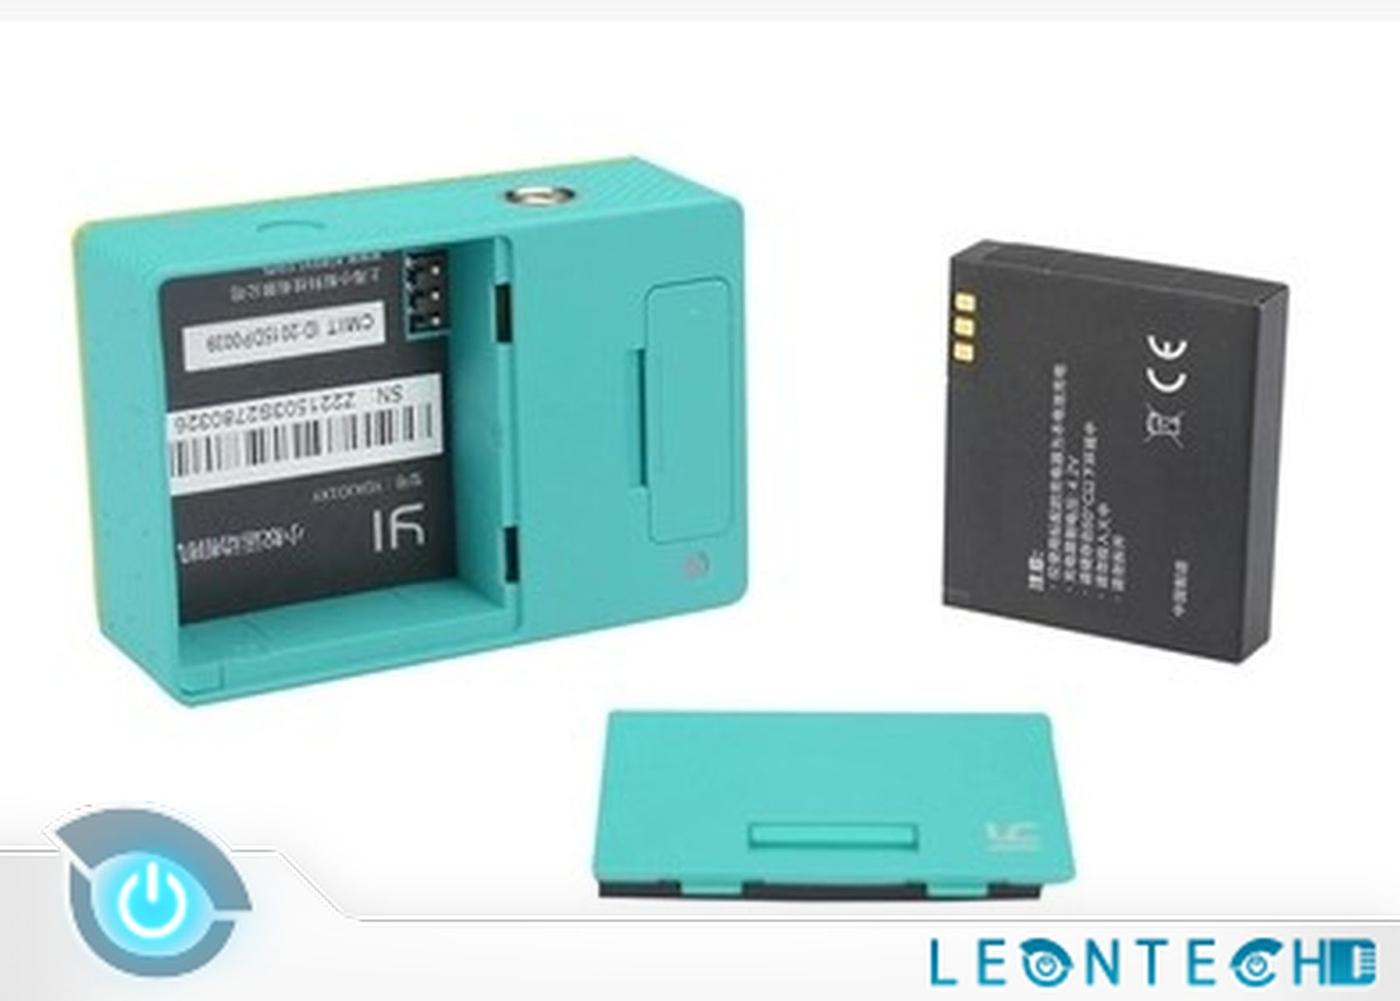 小米運動相機配件小蟻電池小米小蟻運動相機專用電池